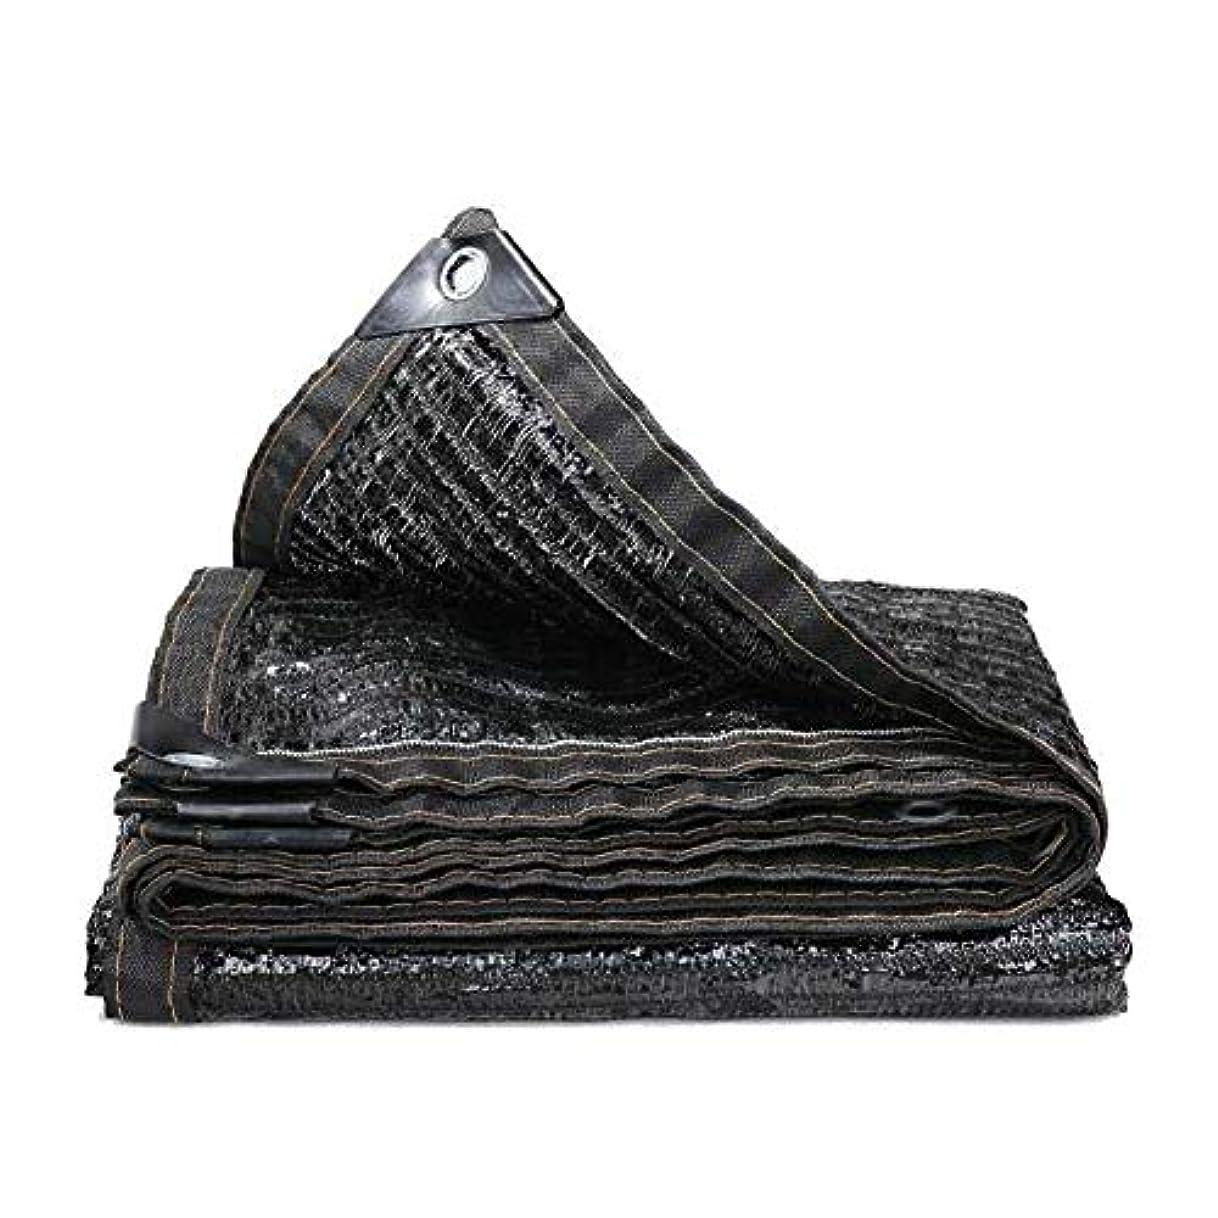 磨かれた超越するパラダイスDALL ターポリン シェーディングネットバイザー布ガーデン屋外サンメッシュサンプロテクショングロメット折りたたみ耐久性 (Color : Black, Size : 2×4m)